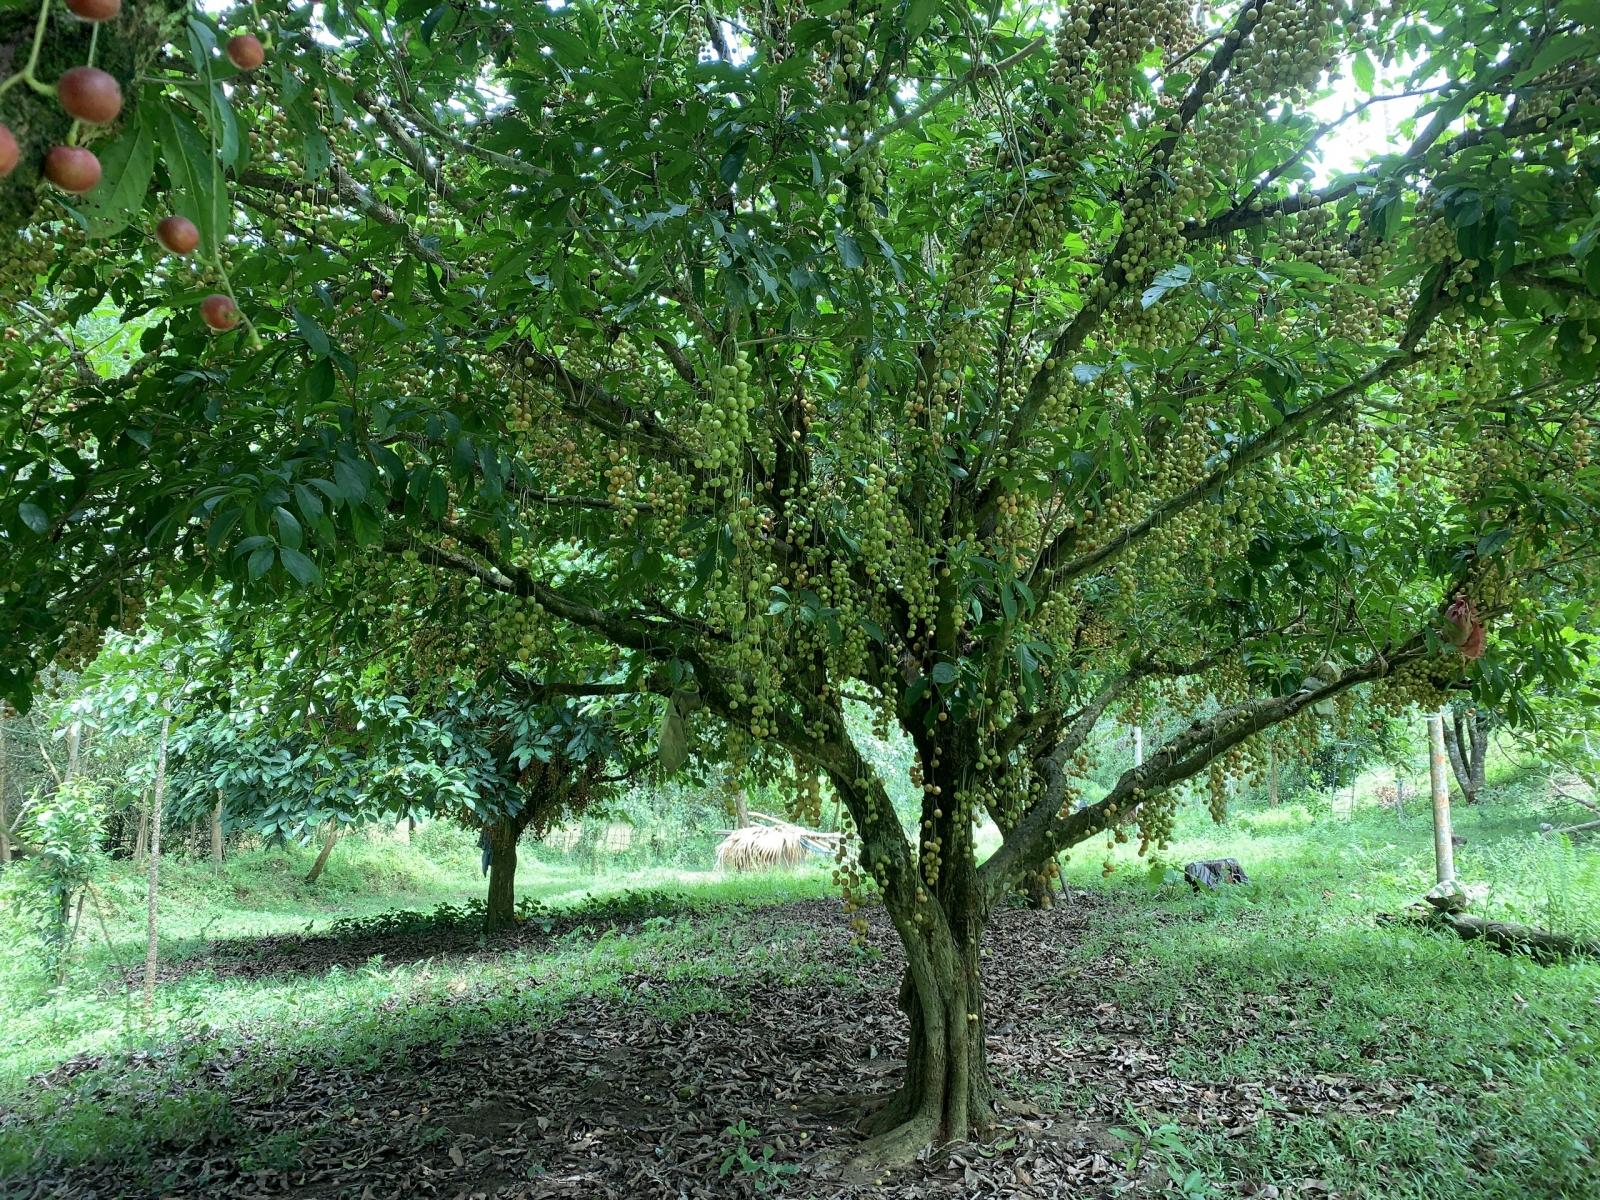 Hà Tĩnh: Loại quả mọc chi chít từ gốc đến ngọn, thương lái phải đến tận vườn đặt mua? - Ảnh 9.